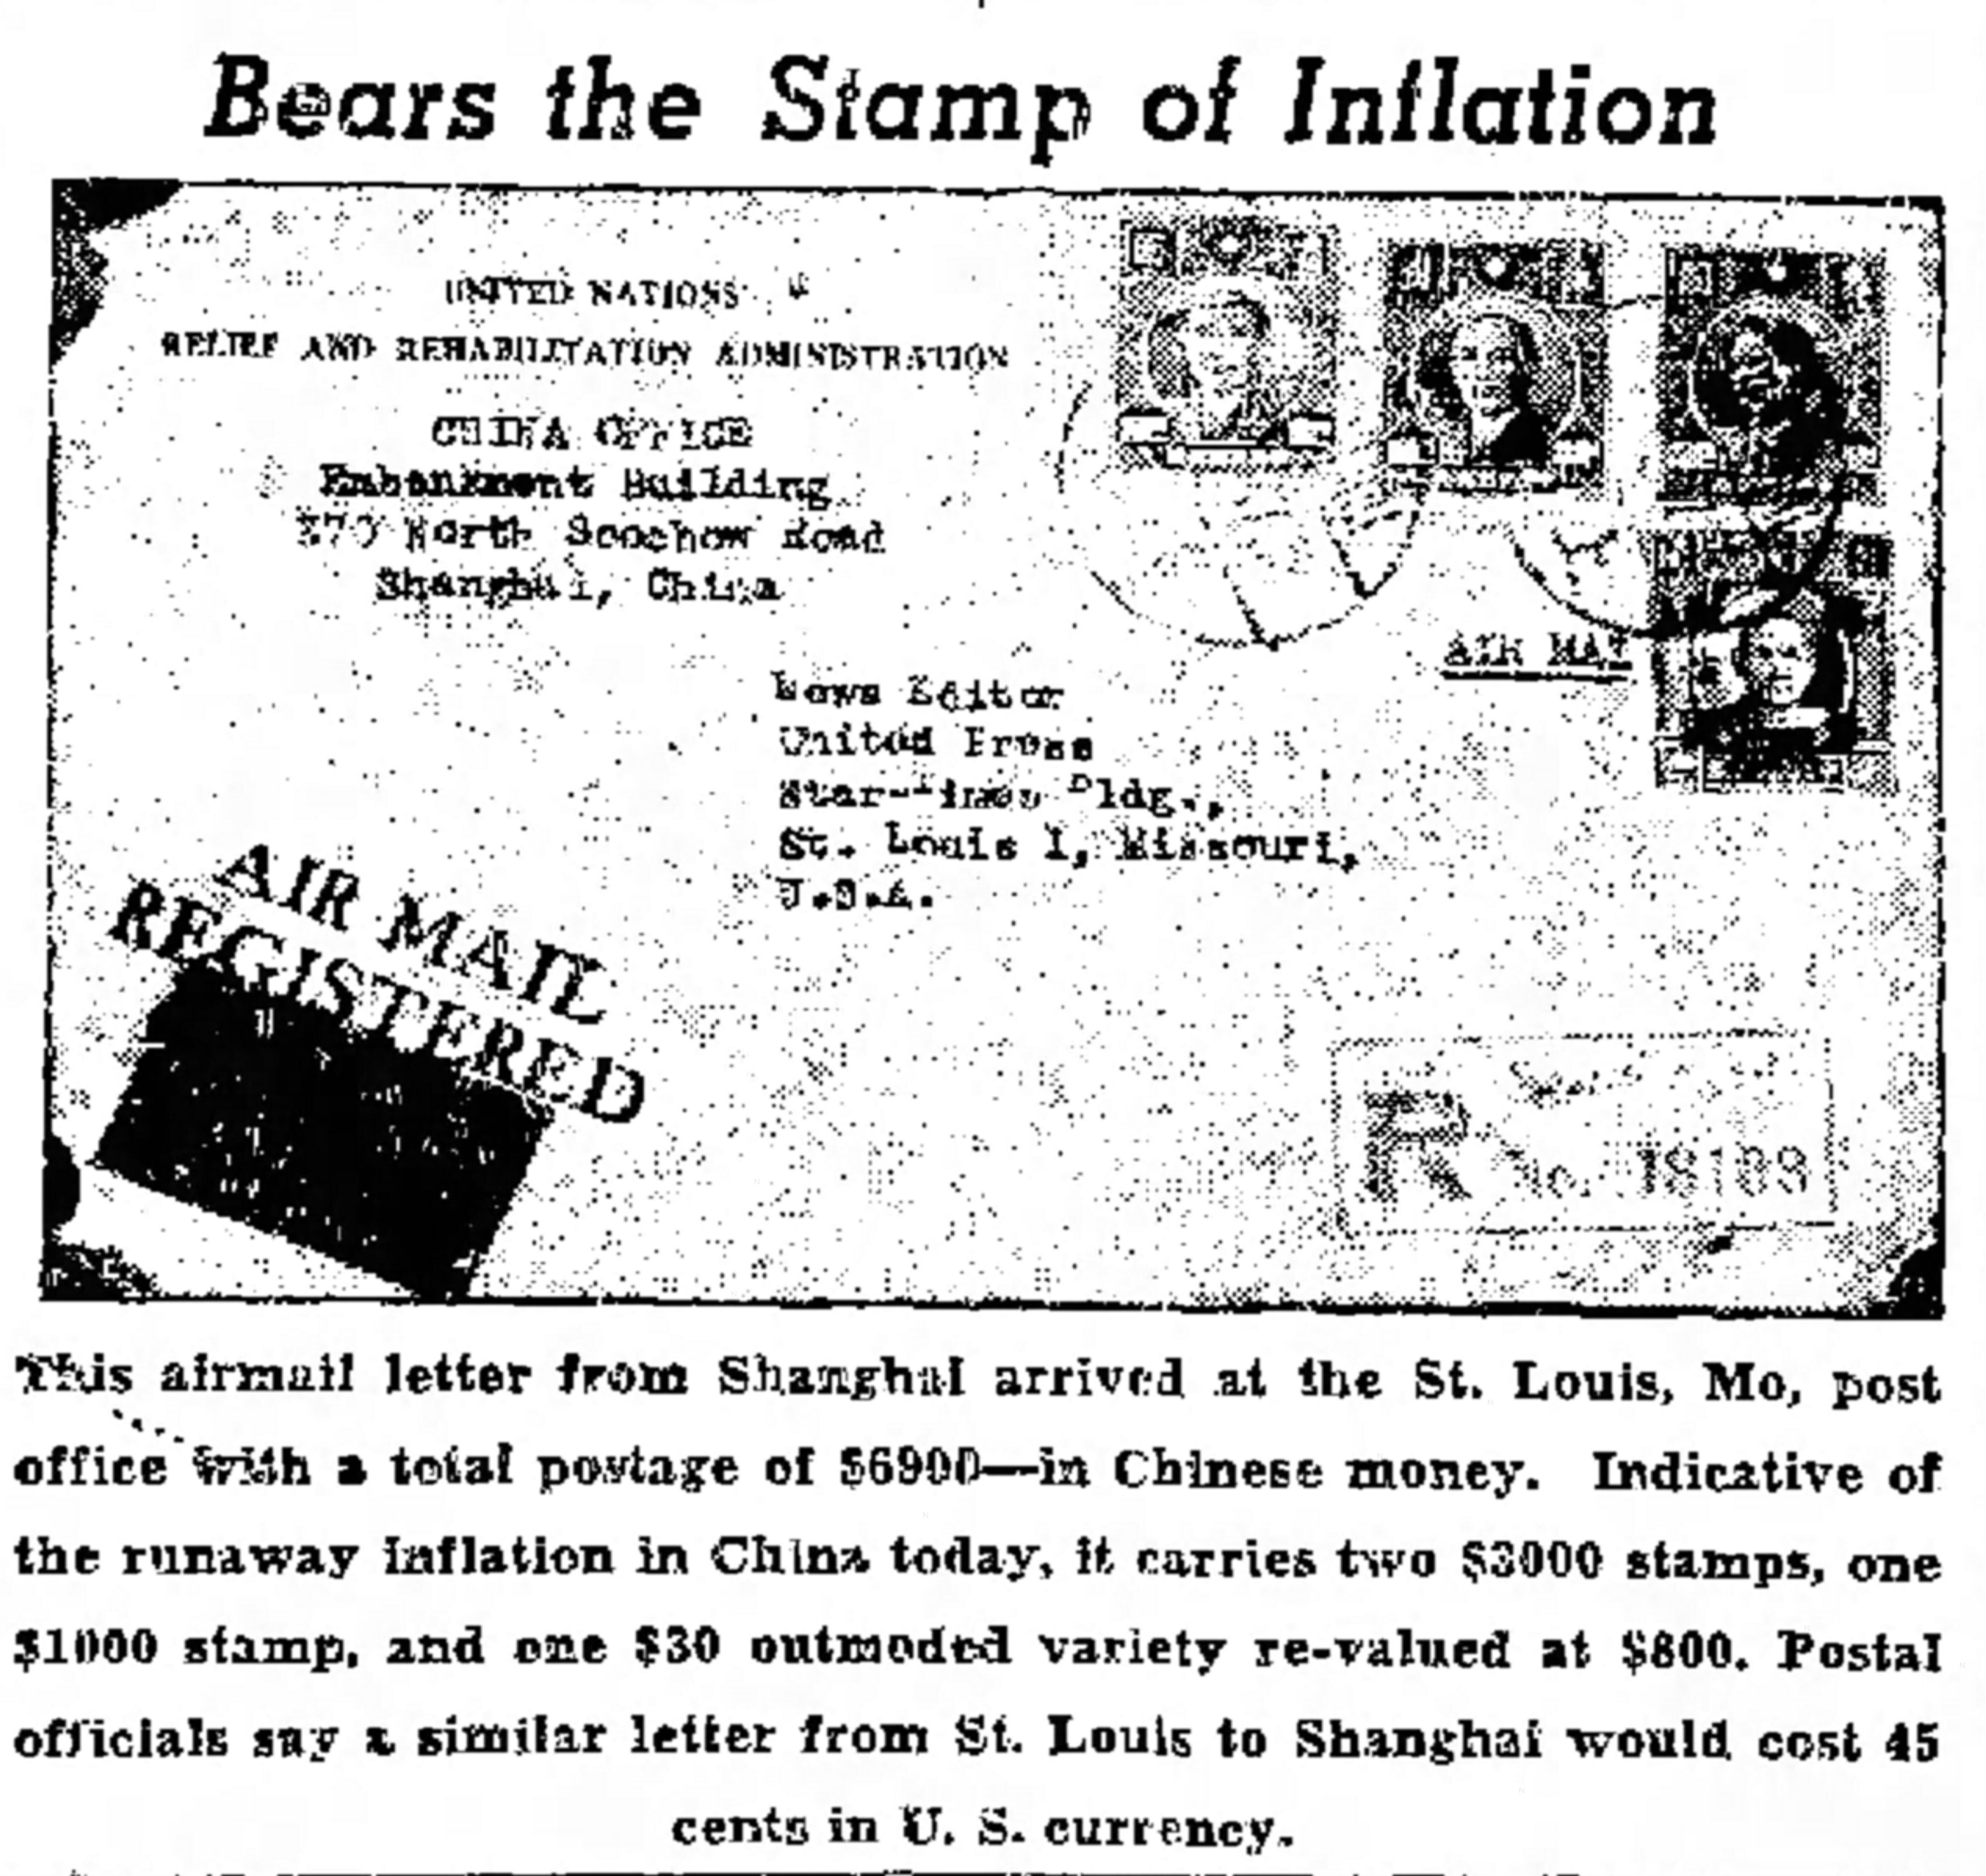 The_Ogden_Standard_Examiner_Sun__Nov_2__1947_